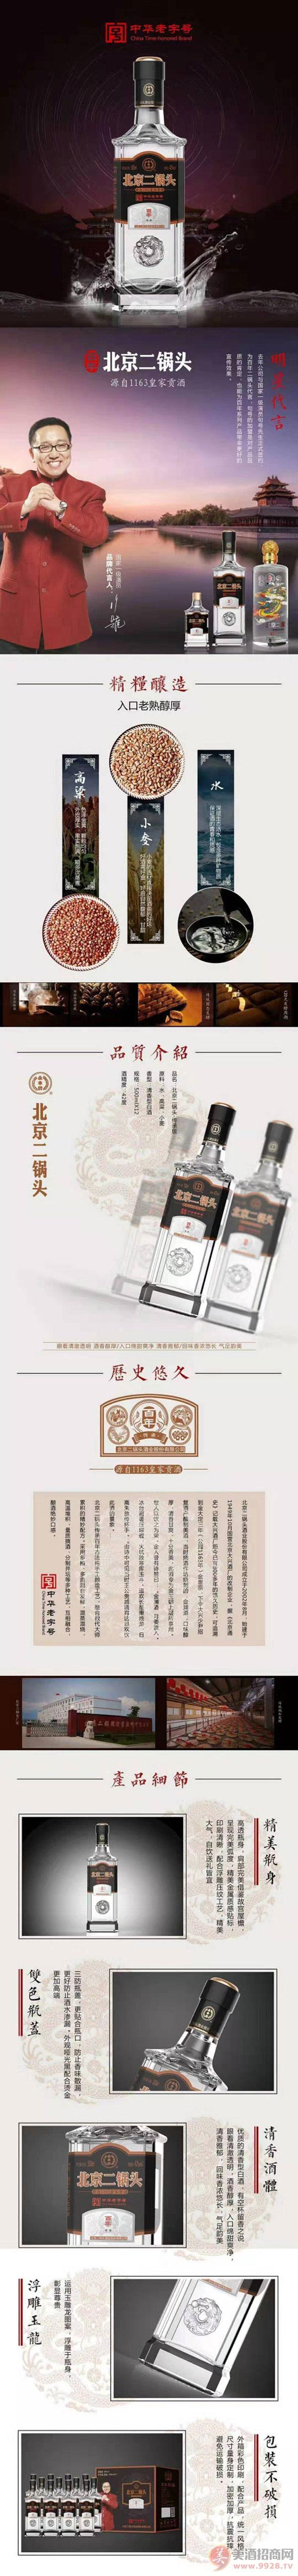 百年二锅头酒传承